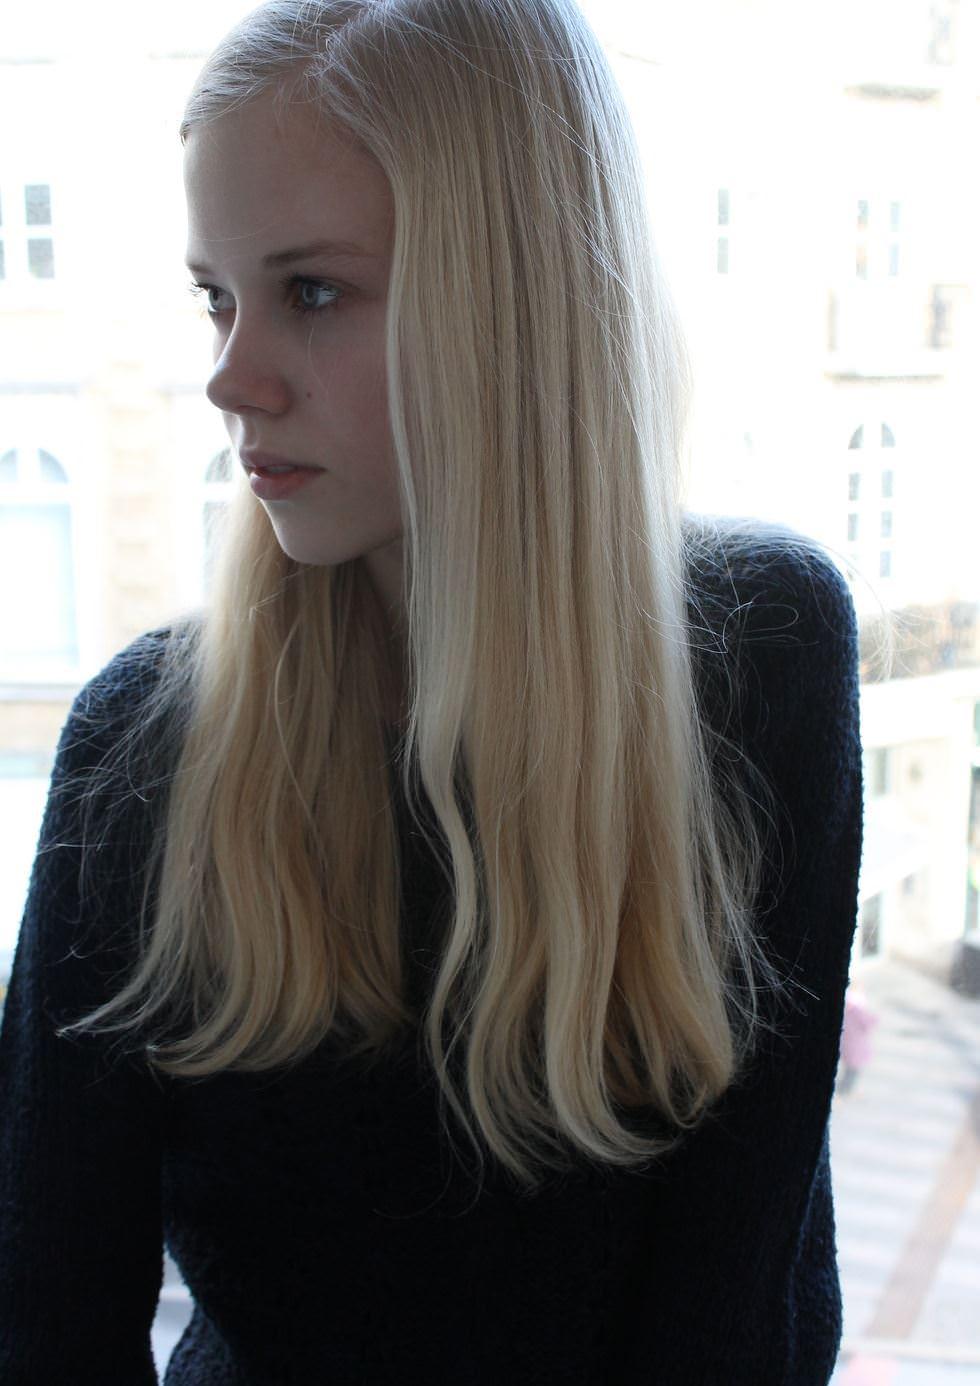 【外人】デンマークの妖精アメリー·シュミット(Amalie Schmidt)が異常な程可愛いポルノ画像 2078